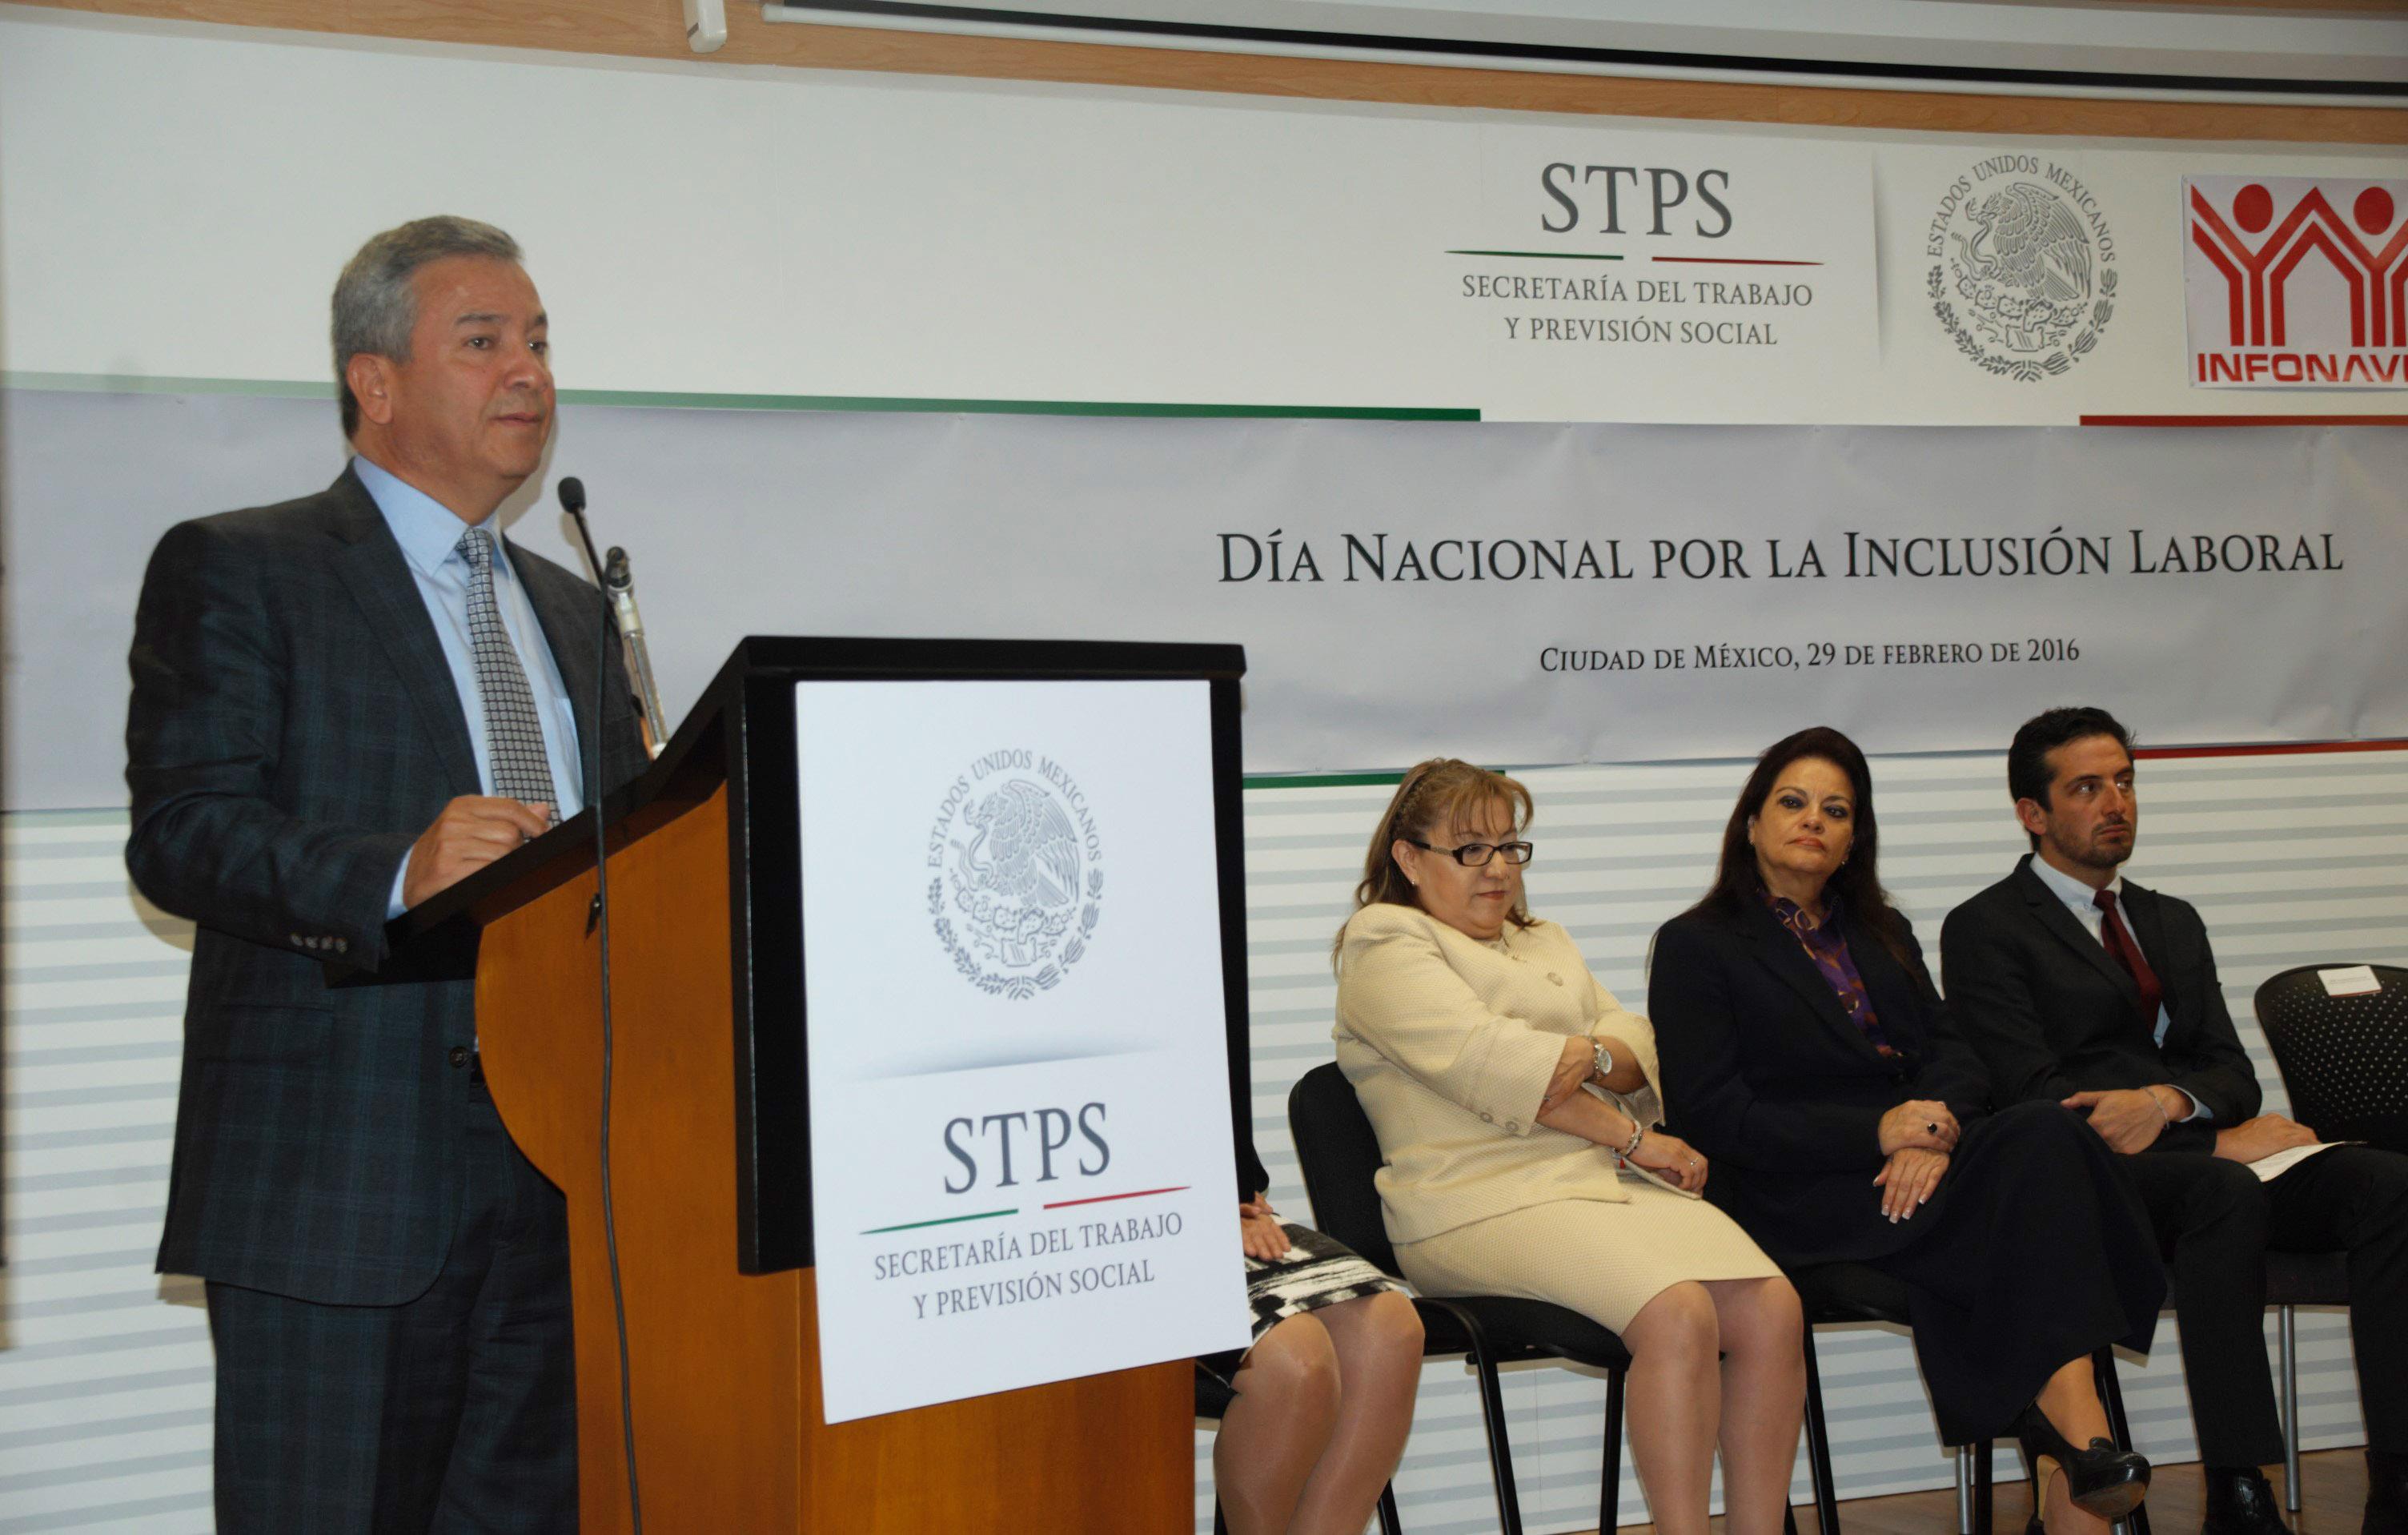 Dia Nacional por la inclusion laboral 8jpg